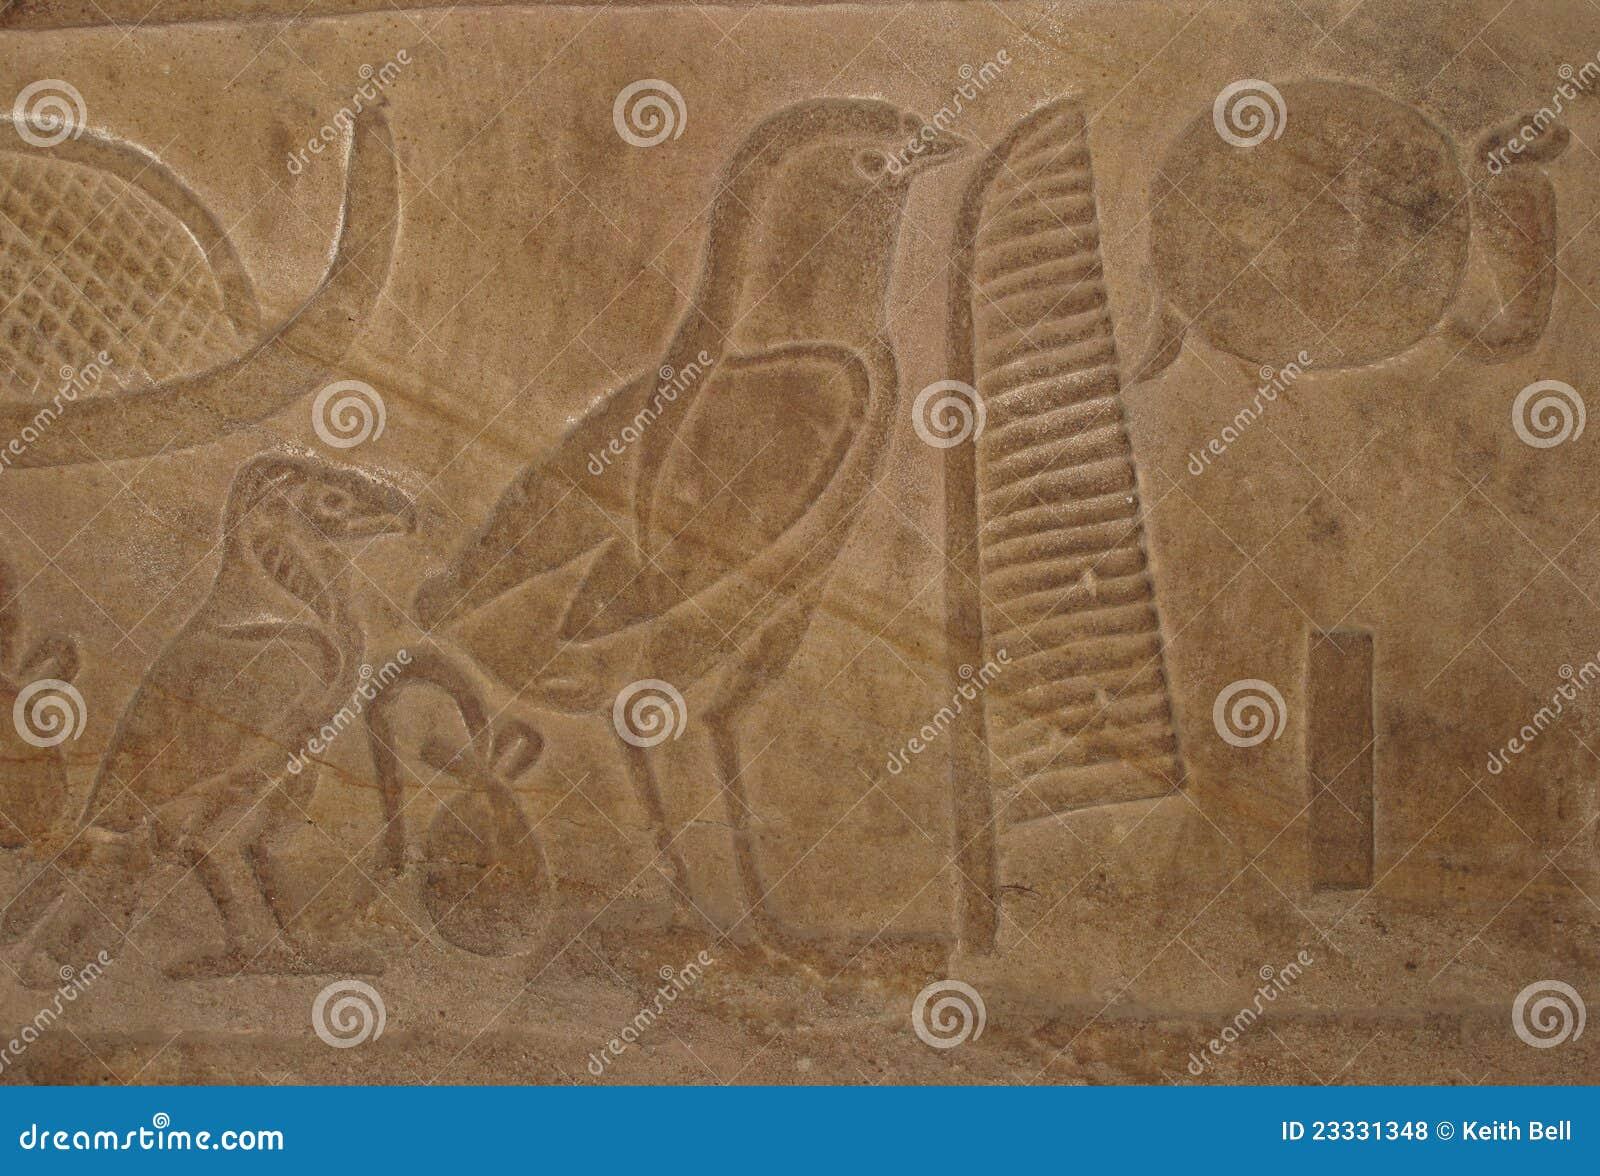 Egyptian bird hieroglyphics - photo#27